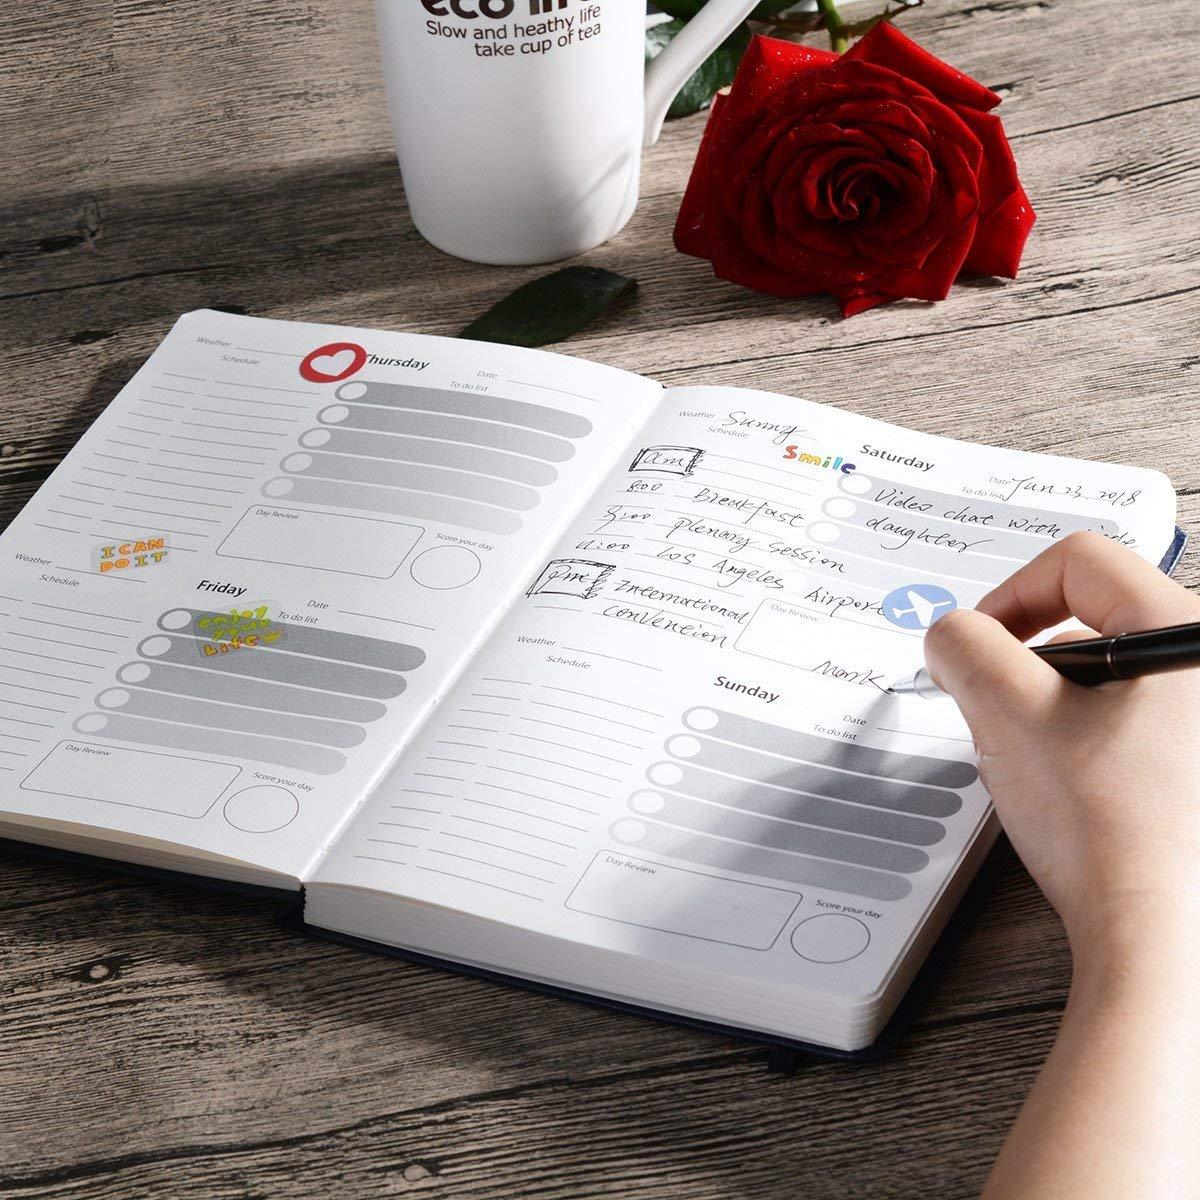 Amazon.com: Planificador, 2019-2020 diario semanal mensual ...